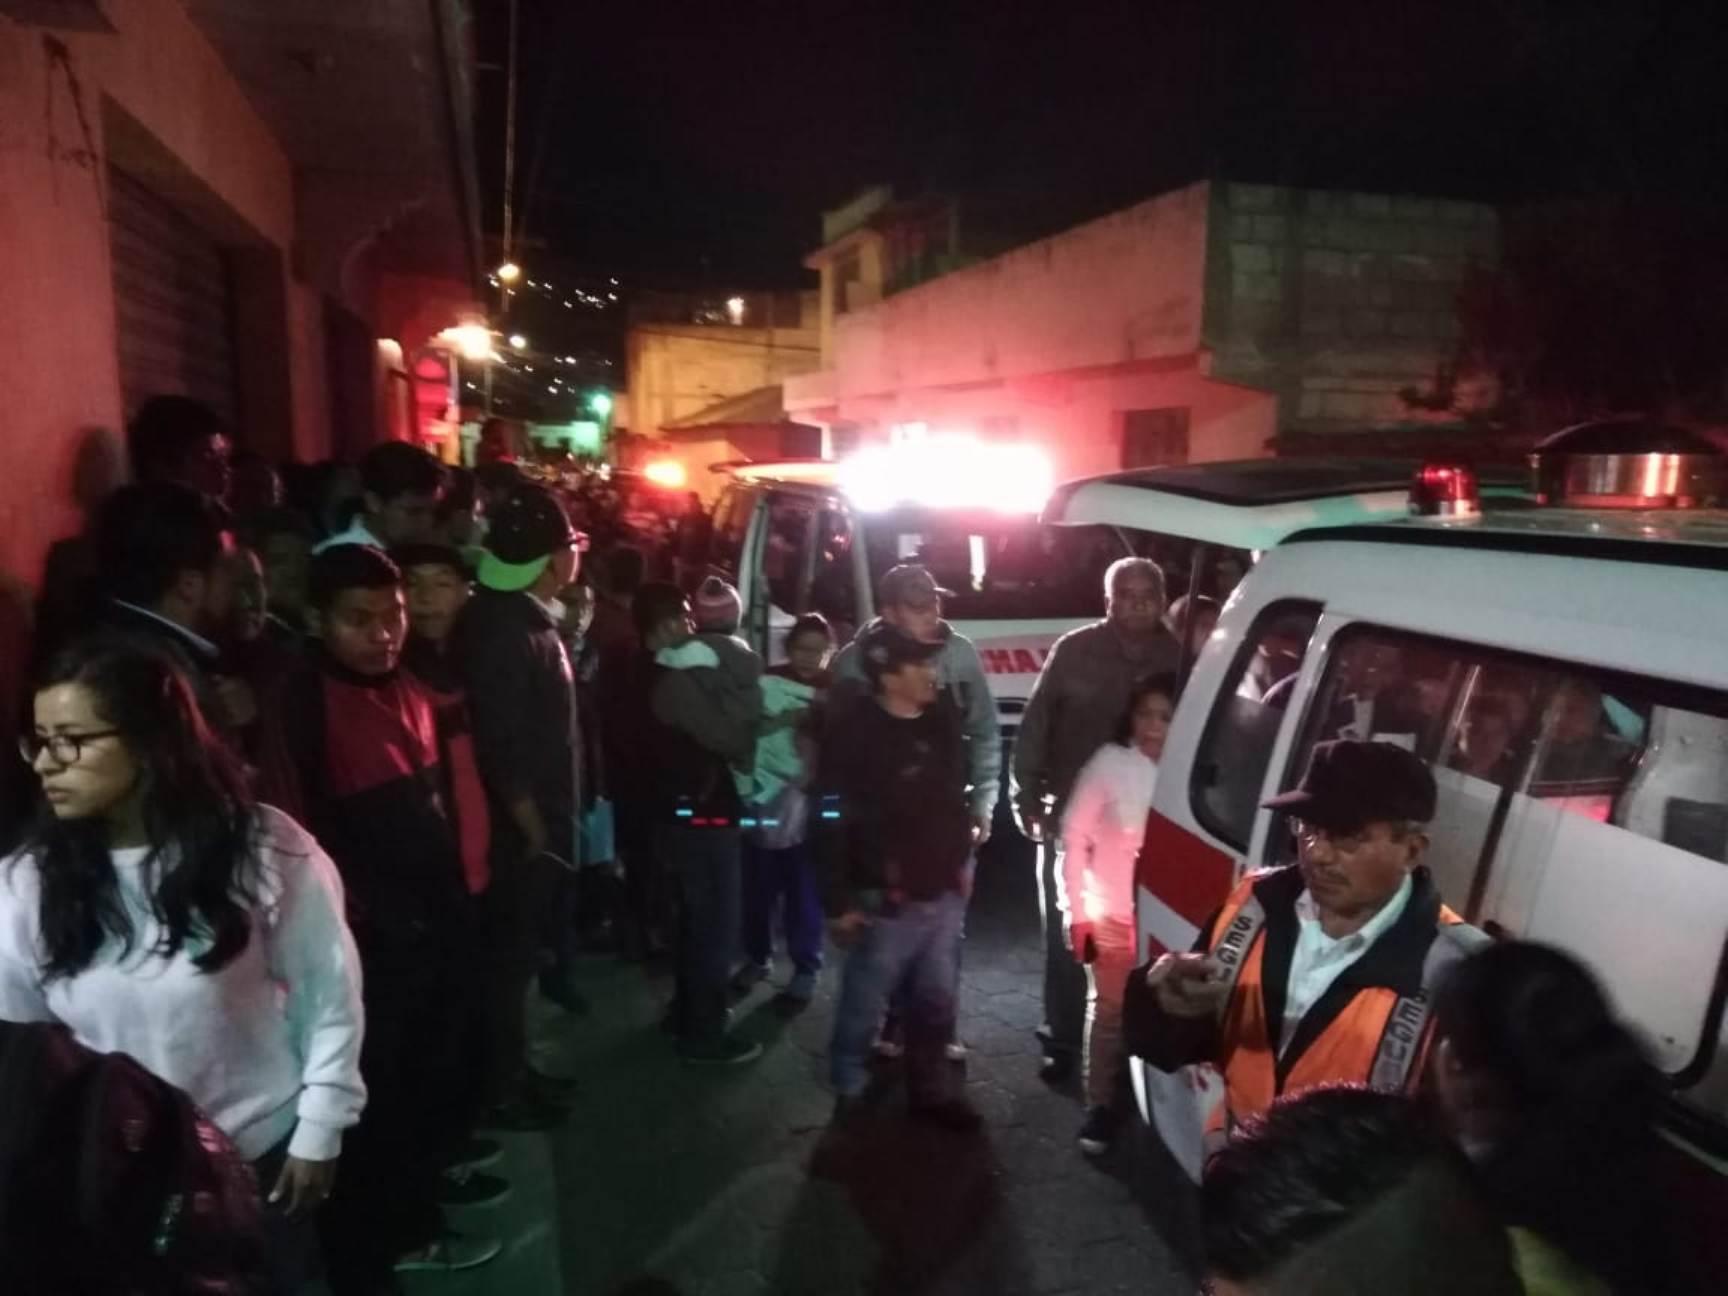 Bomberos Voluntarios llegaron al lugar del hecho violento para auxiliar a los cuatro heridos. (Foto Prensa Libre: Mynor Toc)